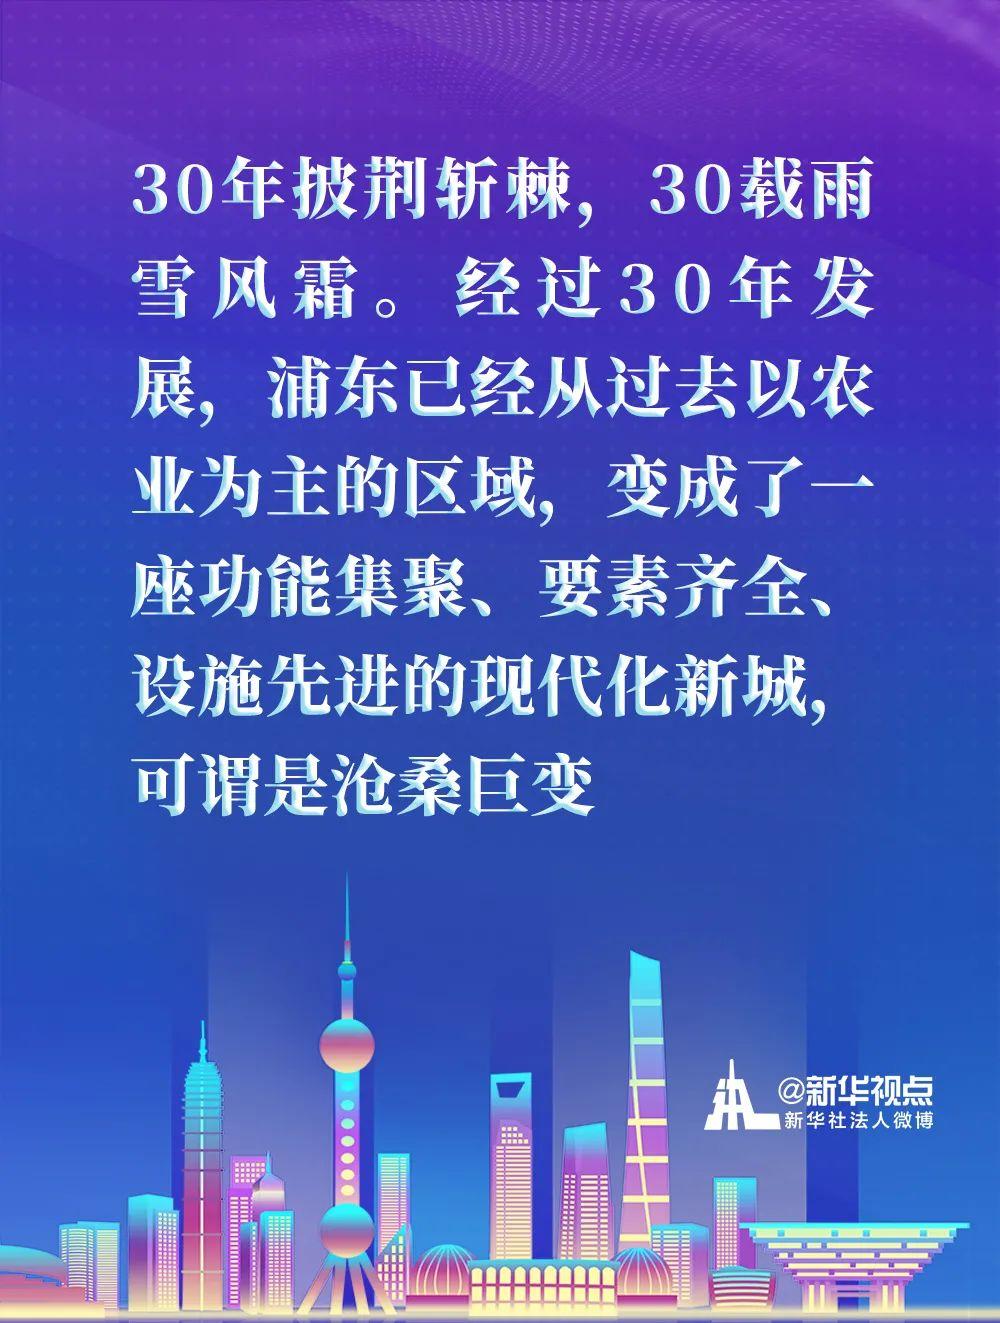 来看习近平总书记在浦东开发开放30周年庆祝大会上讲话金句图片